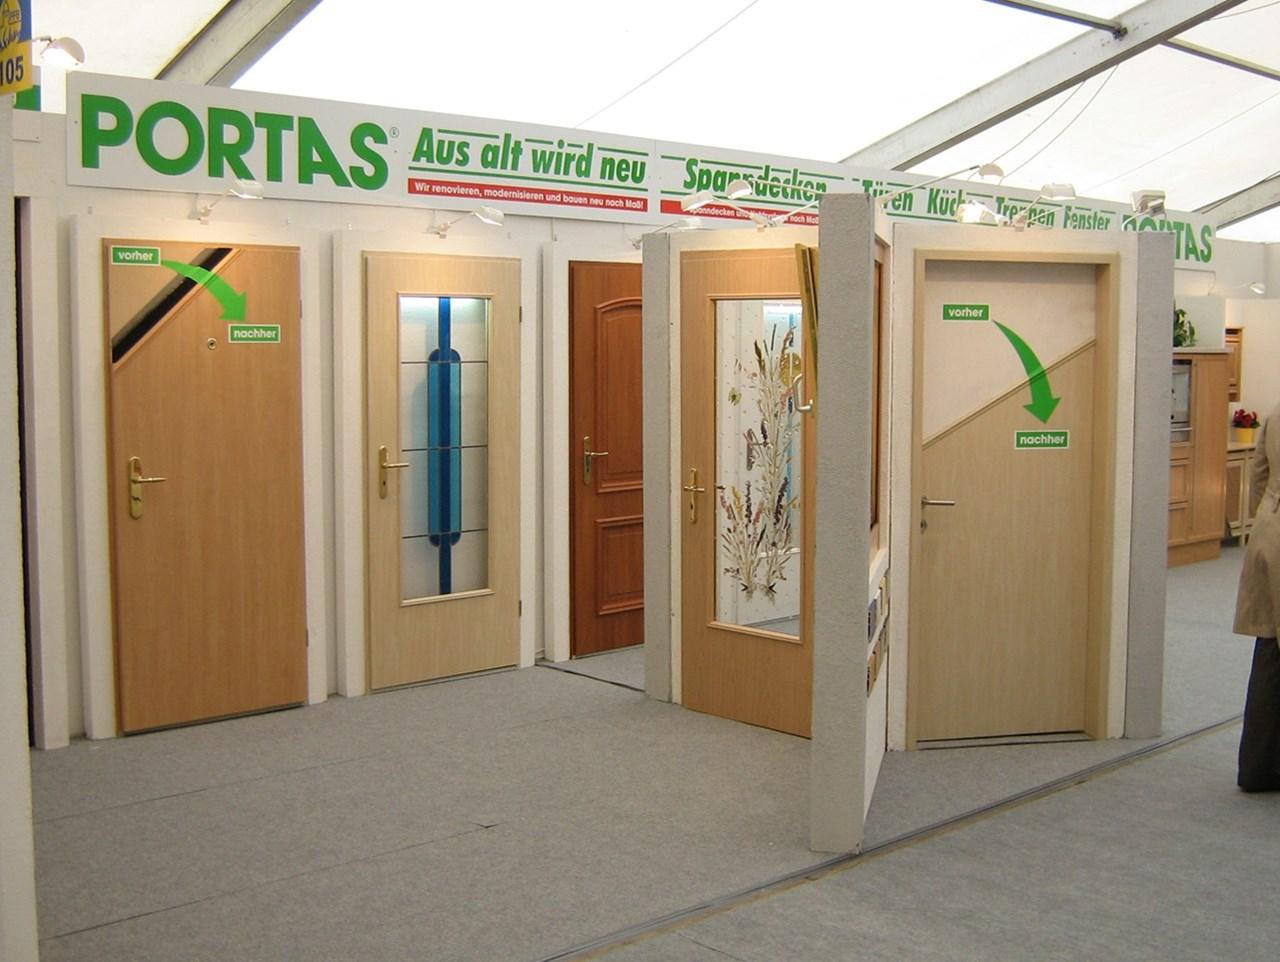 Galerie Portas Partner F Haslwanter Turen Service Gmbh Munchen